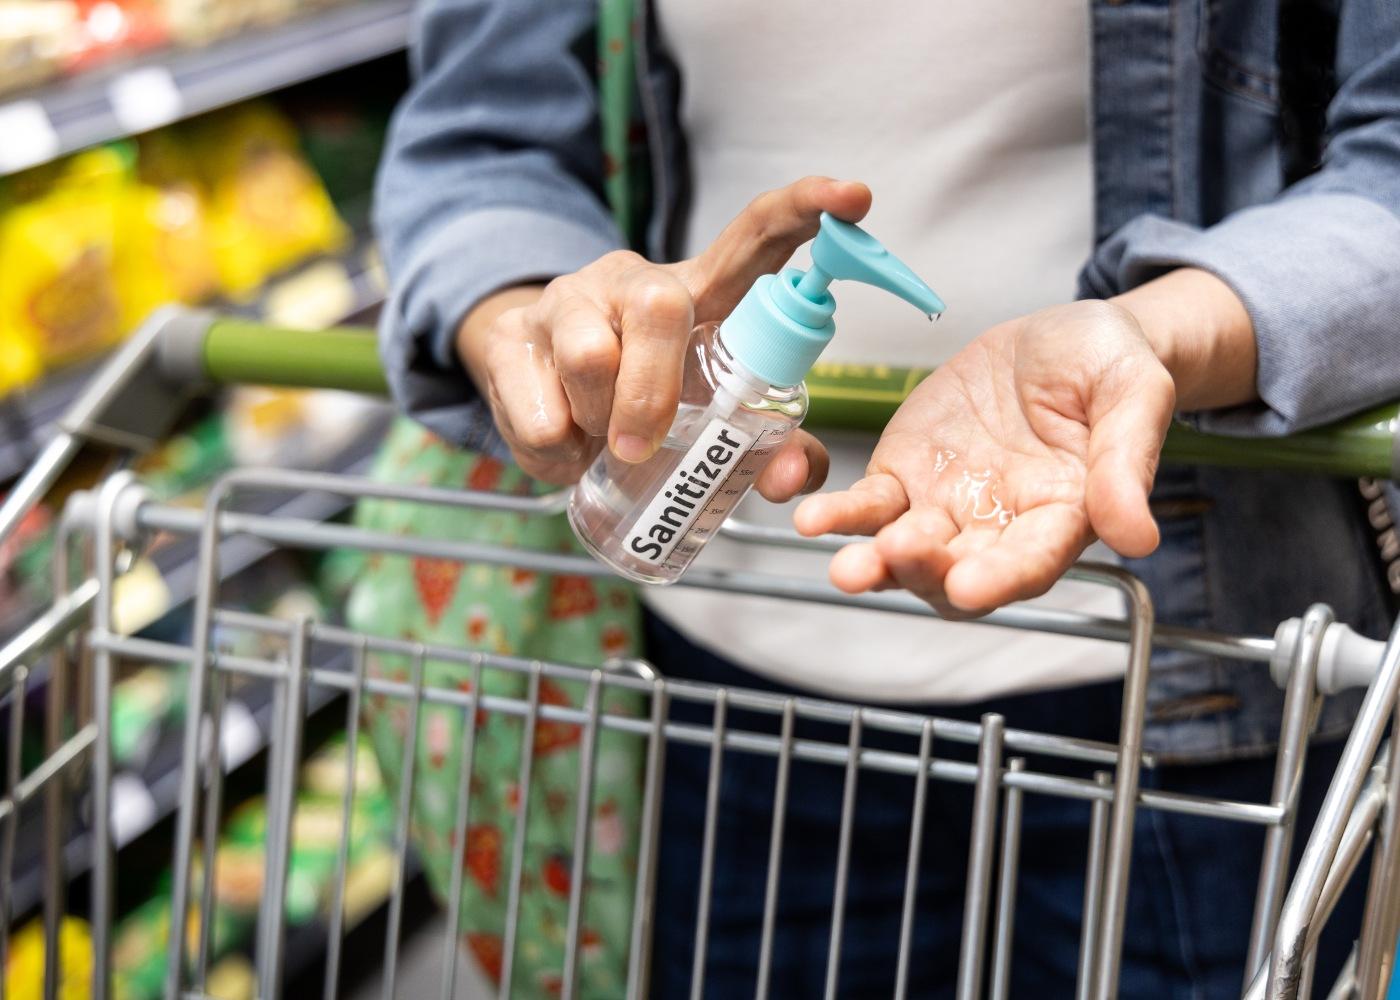 supermercados-maos-carrinho-desinfetante